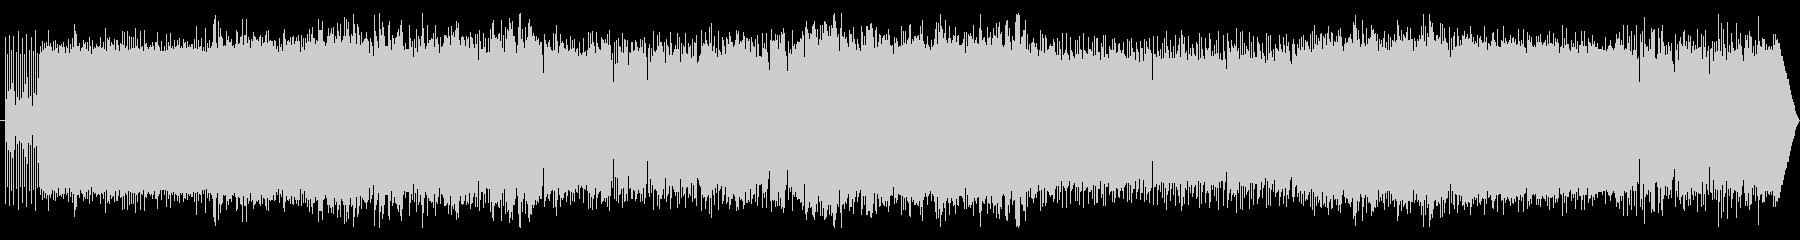 ミドルテンポのメロディアスガールズロックの未再生の波形